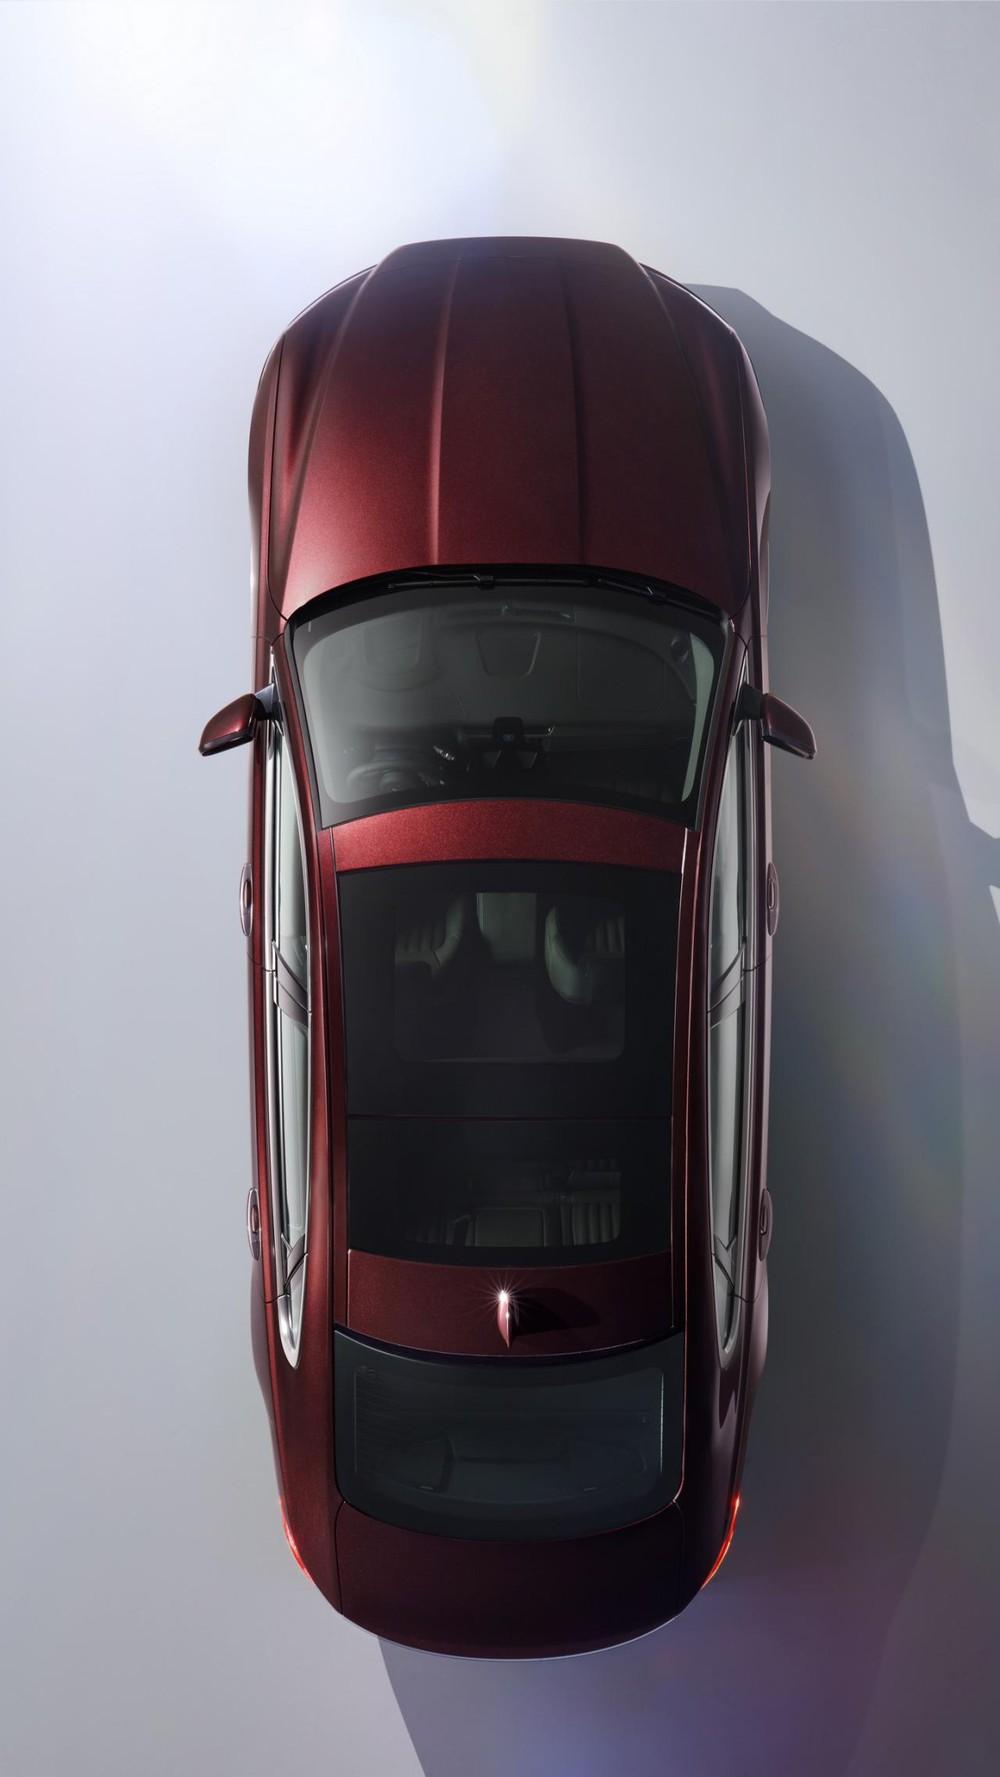 Là mẫu xe dành riêng cho thị trường Trung Quốc, Jaguar XFL cạnh tranh với những đối thủ chính như Mercedes-Benz E-Class LWB. So với XF tiêu chuẩn, Jaguar XFL dài hơn 140 mm, từ đó nới rộng thêm 157 mm khoảng duỗi chân dành cho hành khách ngồi trên hàng ghế sau. Ngoài ra, khoảng trống dành cho đầu gối của hành khách trên hàng ghế sau cũng được bổ sung thêm 116 mm.